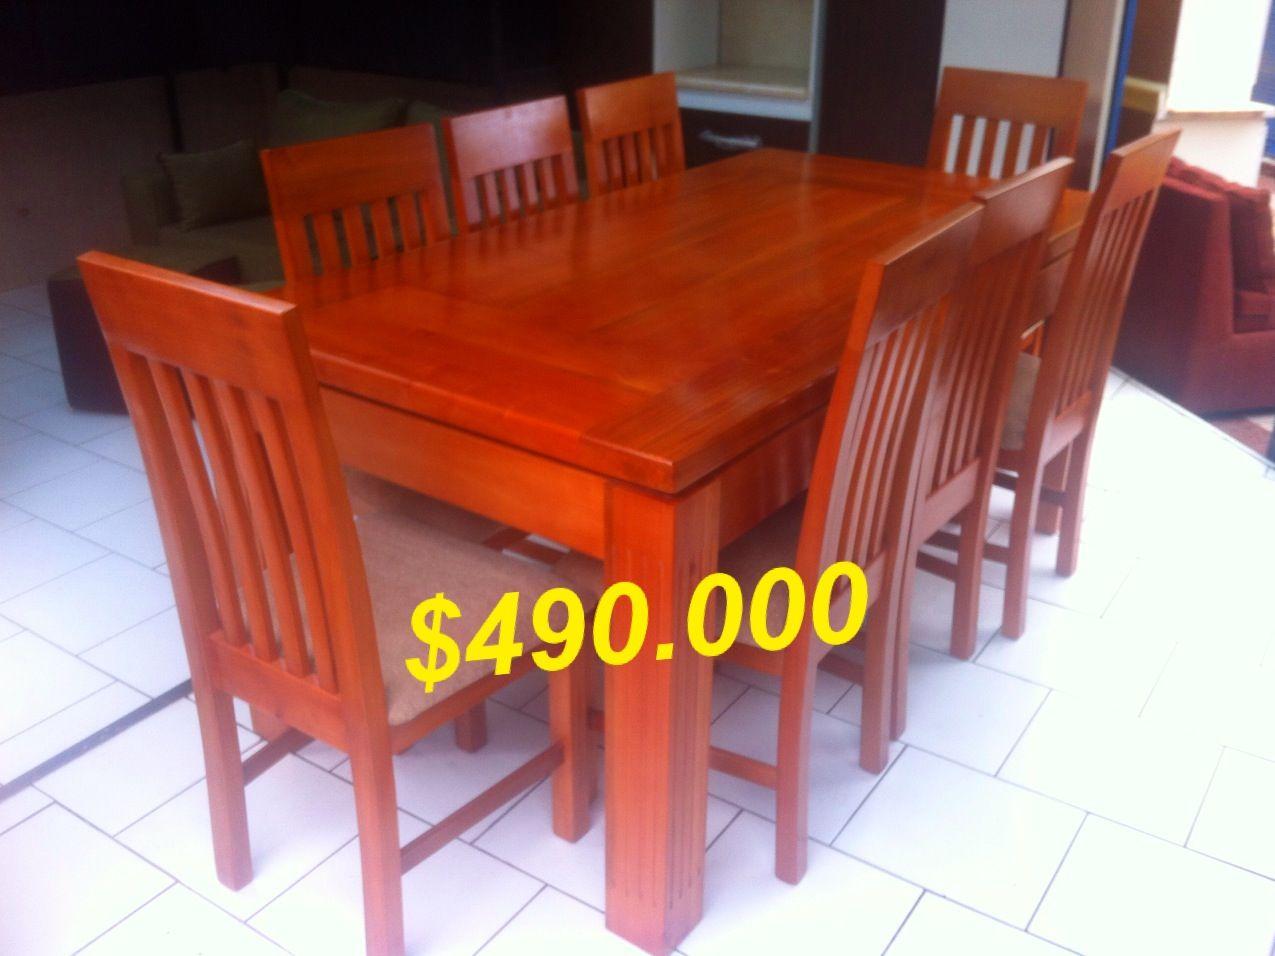 Comedor hecho en madera Raulí 8 sillas. | Muebles en oferta, pagó ...